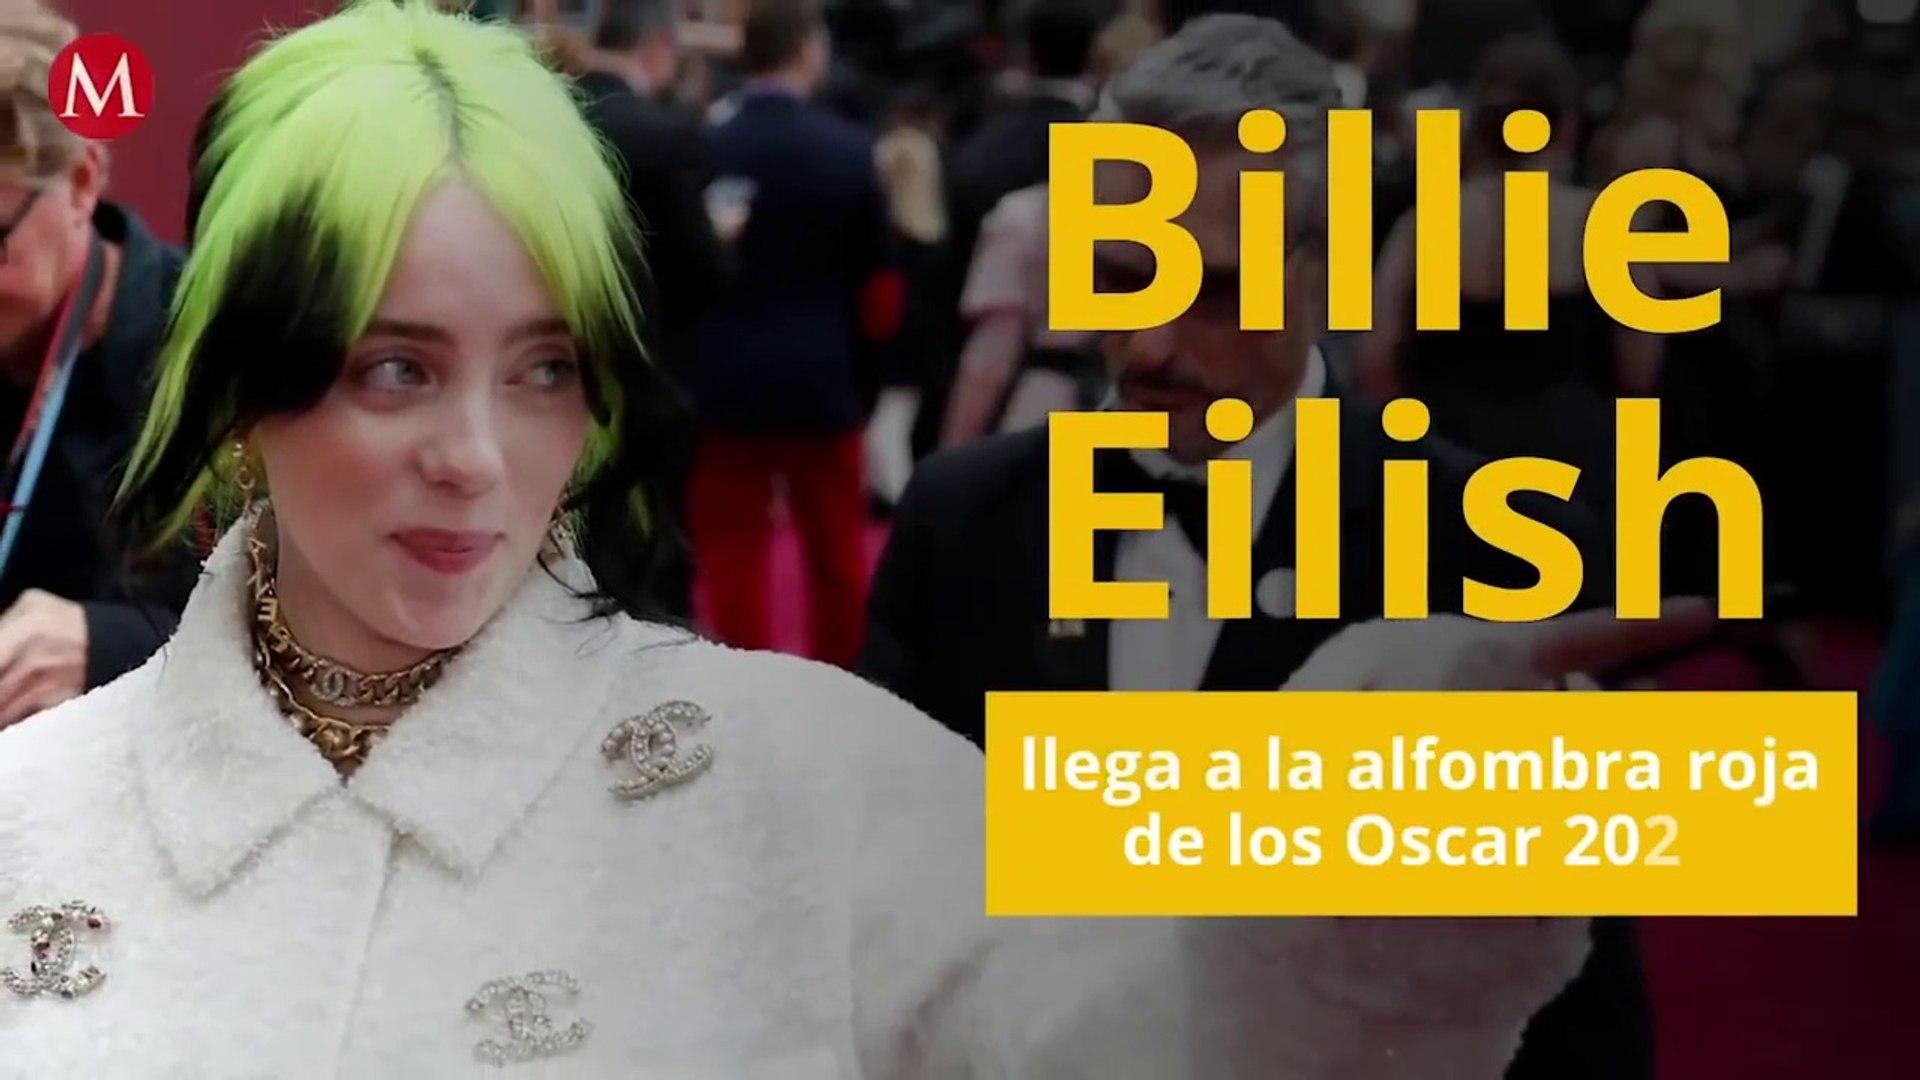 Billie Eilish llega a la alfombra roja de los Oscar 2020